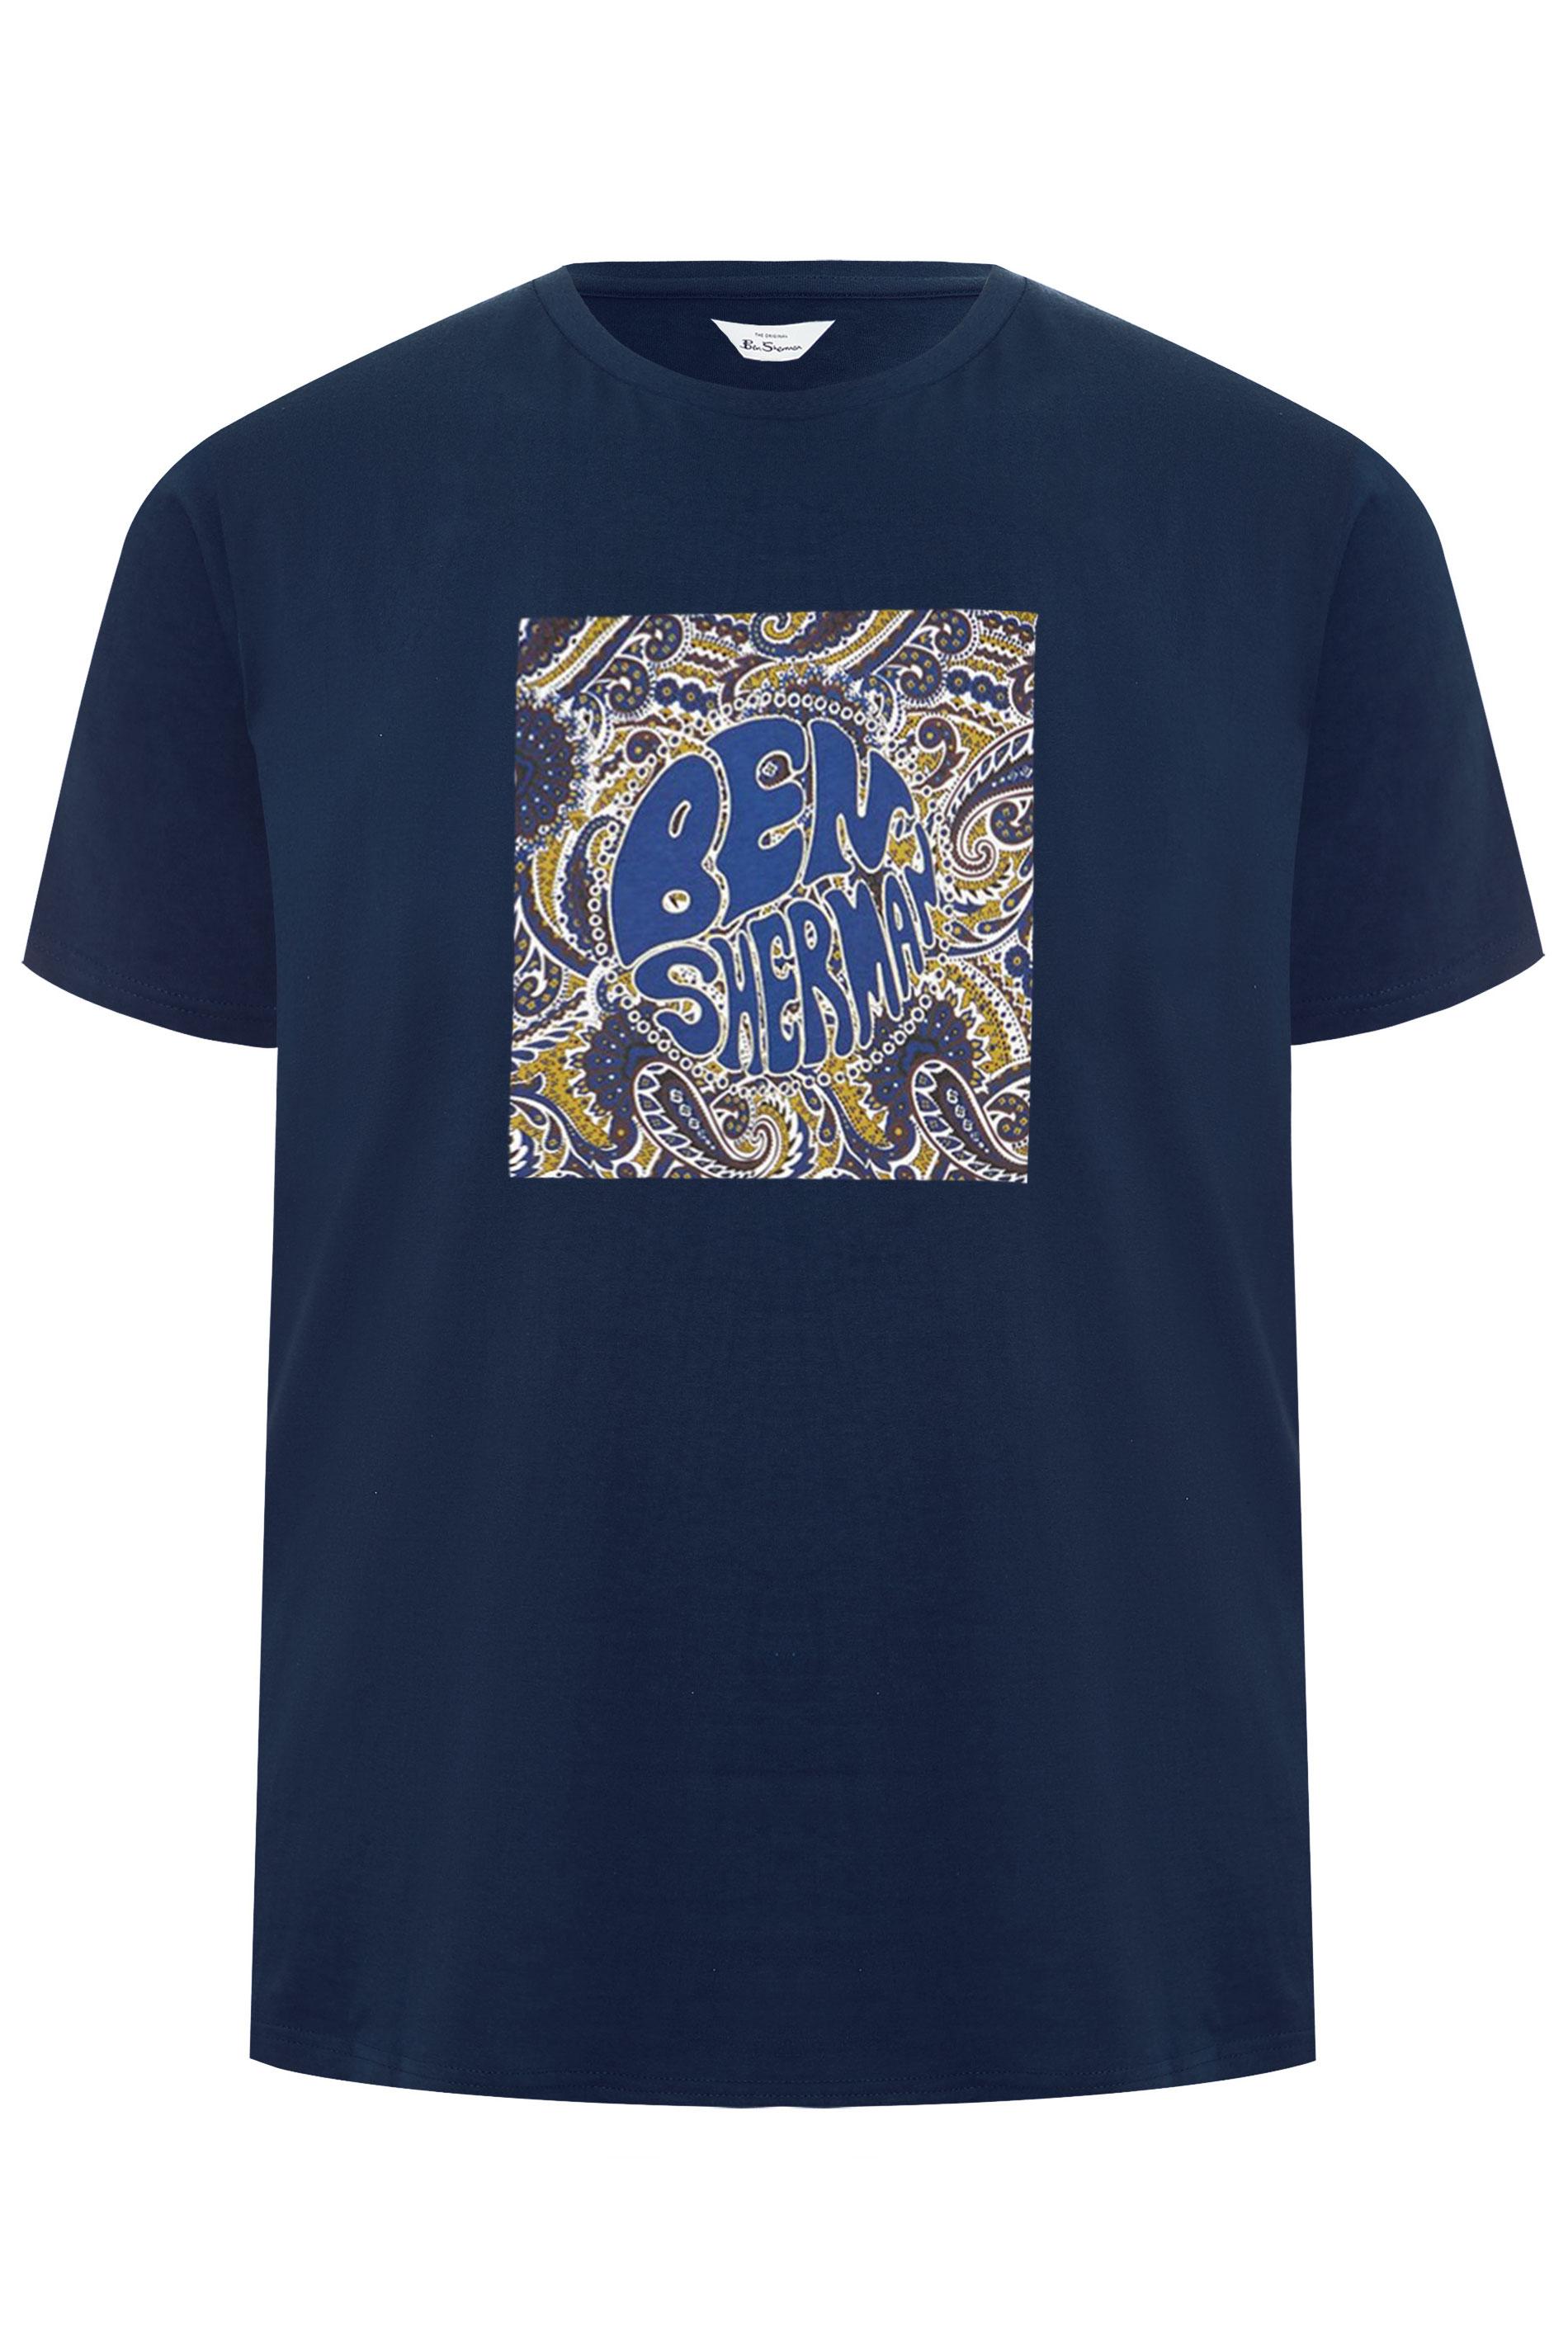 BEN SHERMAN Navy Logo Graphic Print T-Shirt